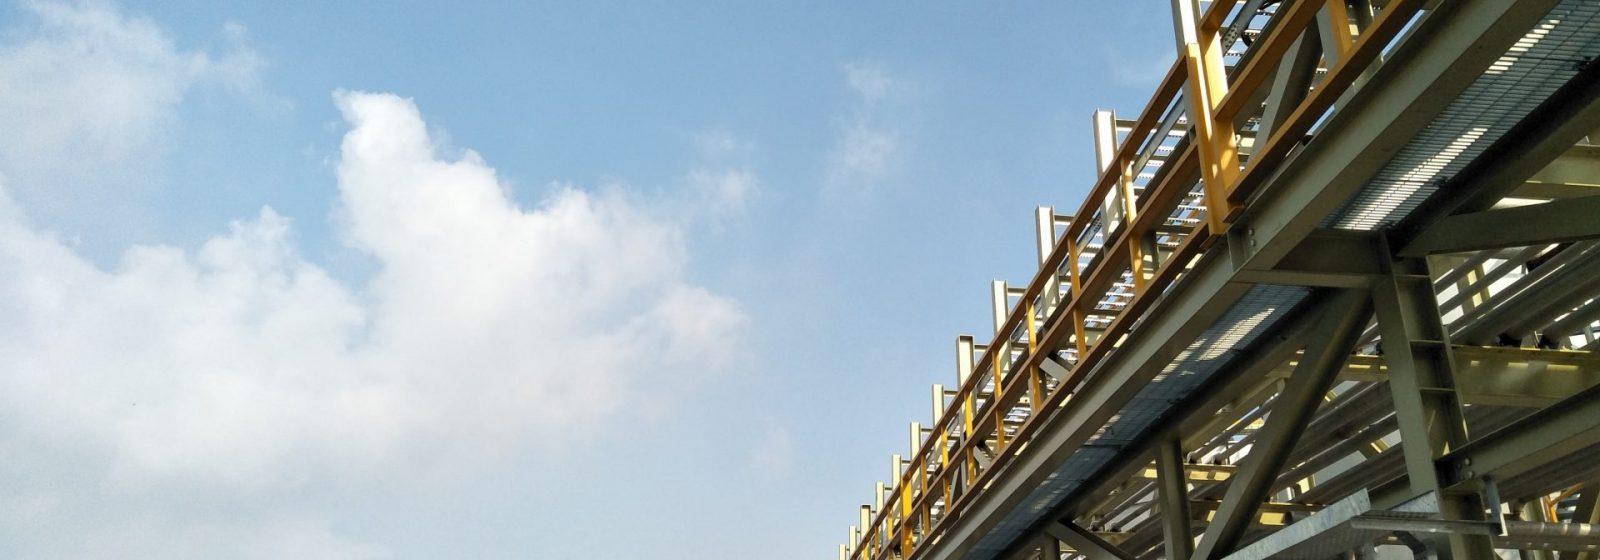 Industrial Pipe Rack Engineering Assessment - Header Image